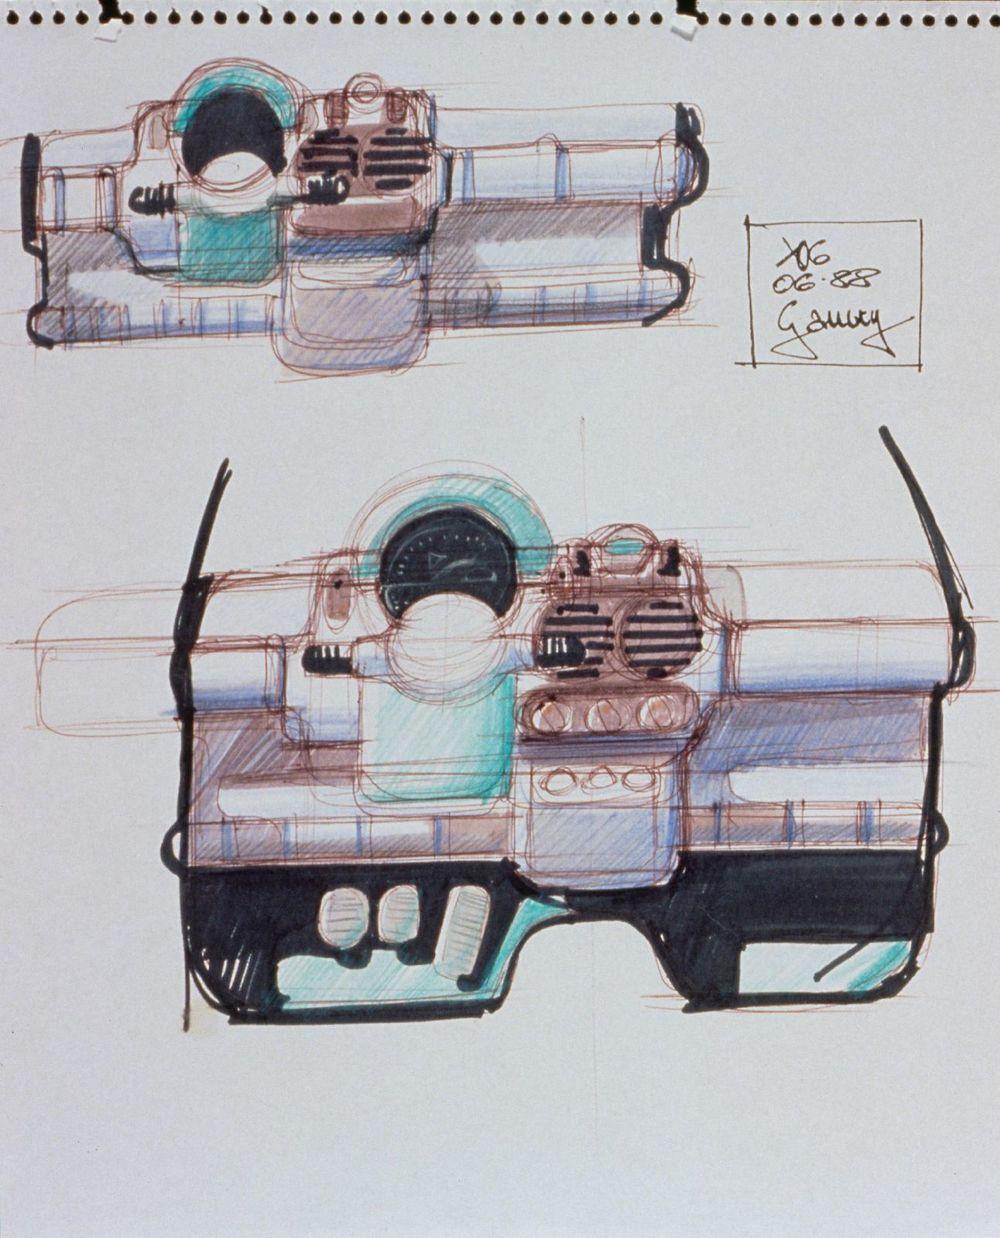 On note déjà sur ce croquis les grandes touches graphiques qui feront l'originalité de l'intérieur de la Twingo, code couleurs, gros boutons et bouches de ventilateurs oversized.